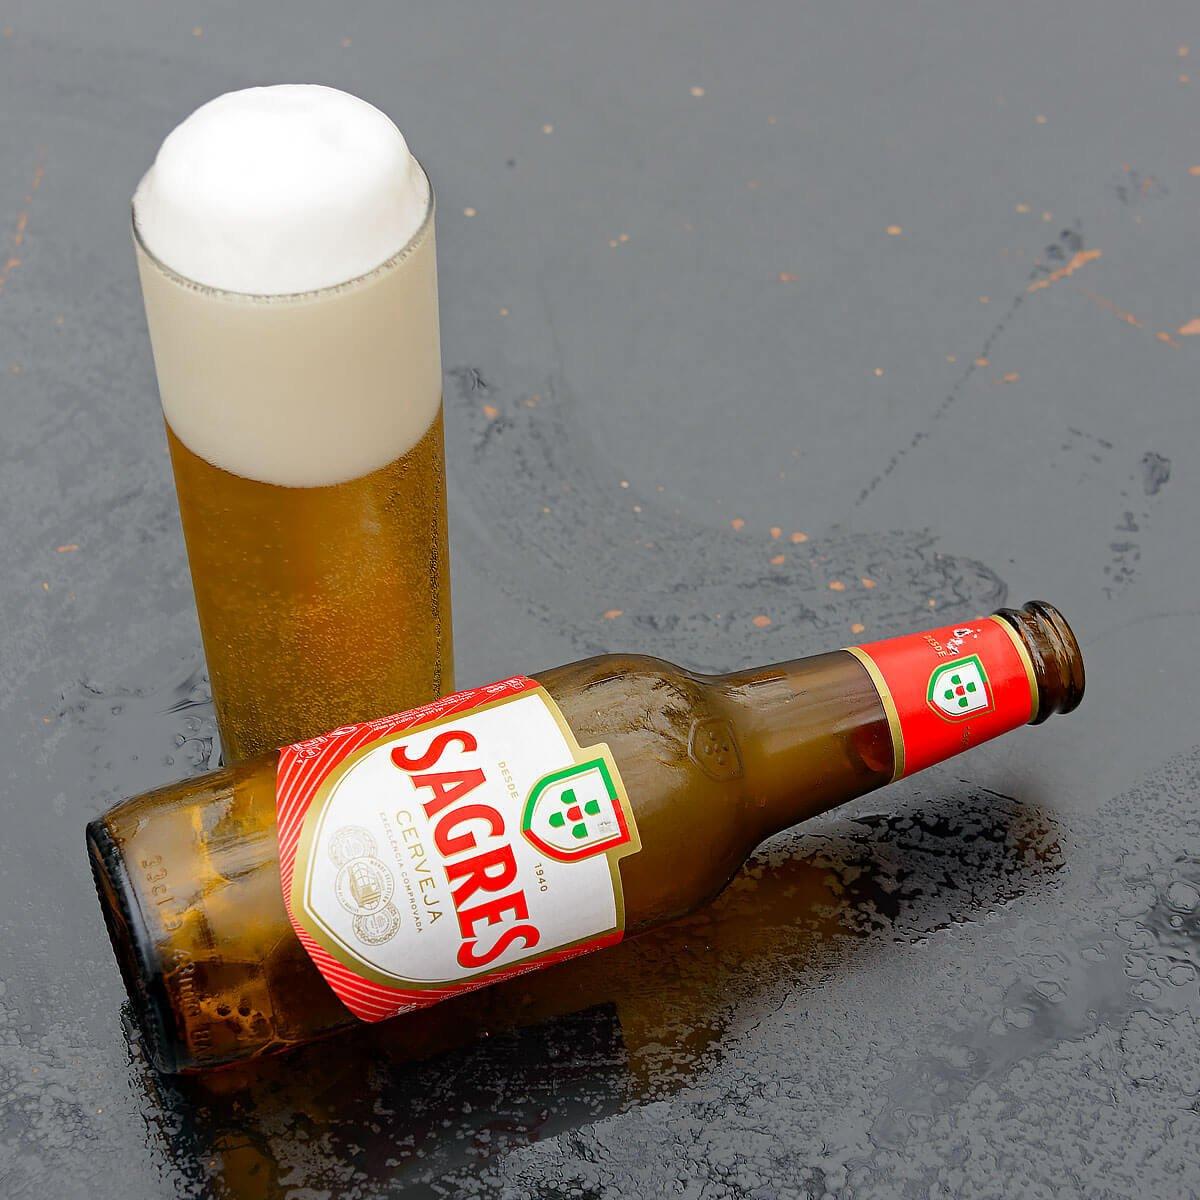 Sagres Cerveja, a Pale Lager by Sociedade Central de Cervejas